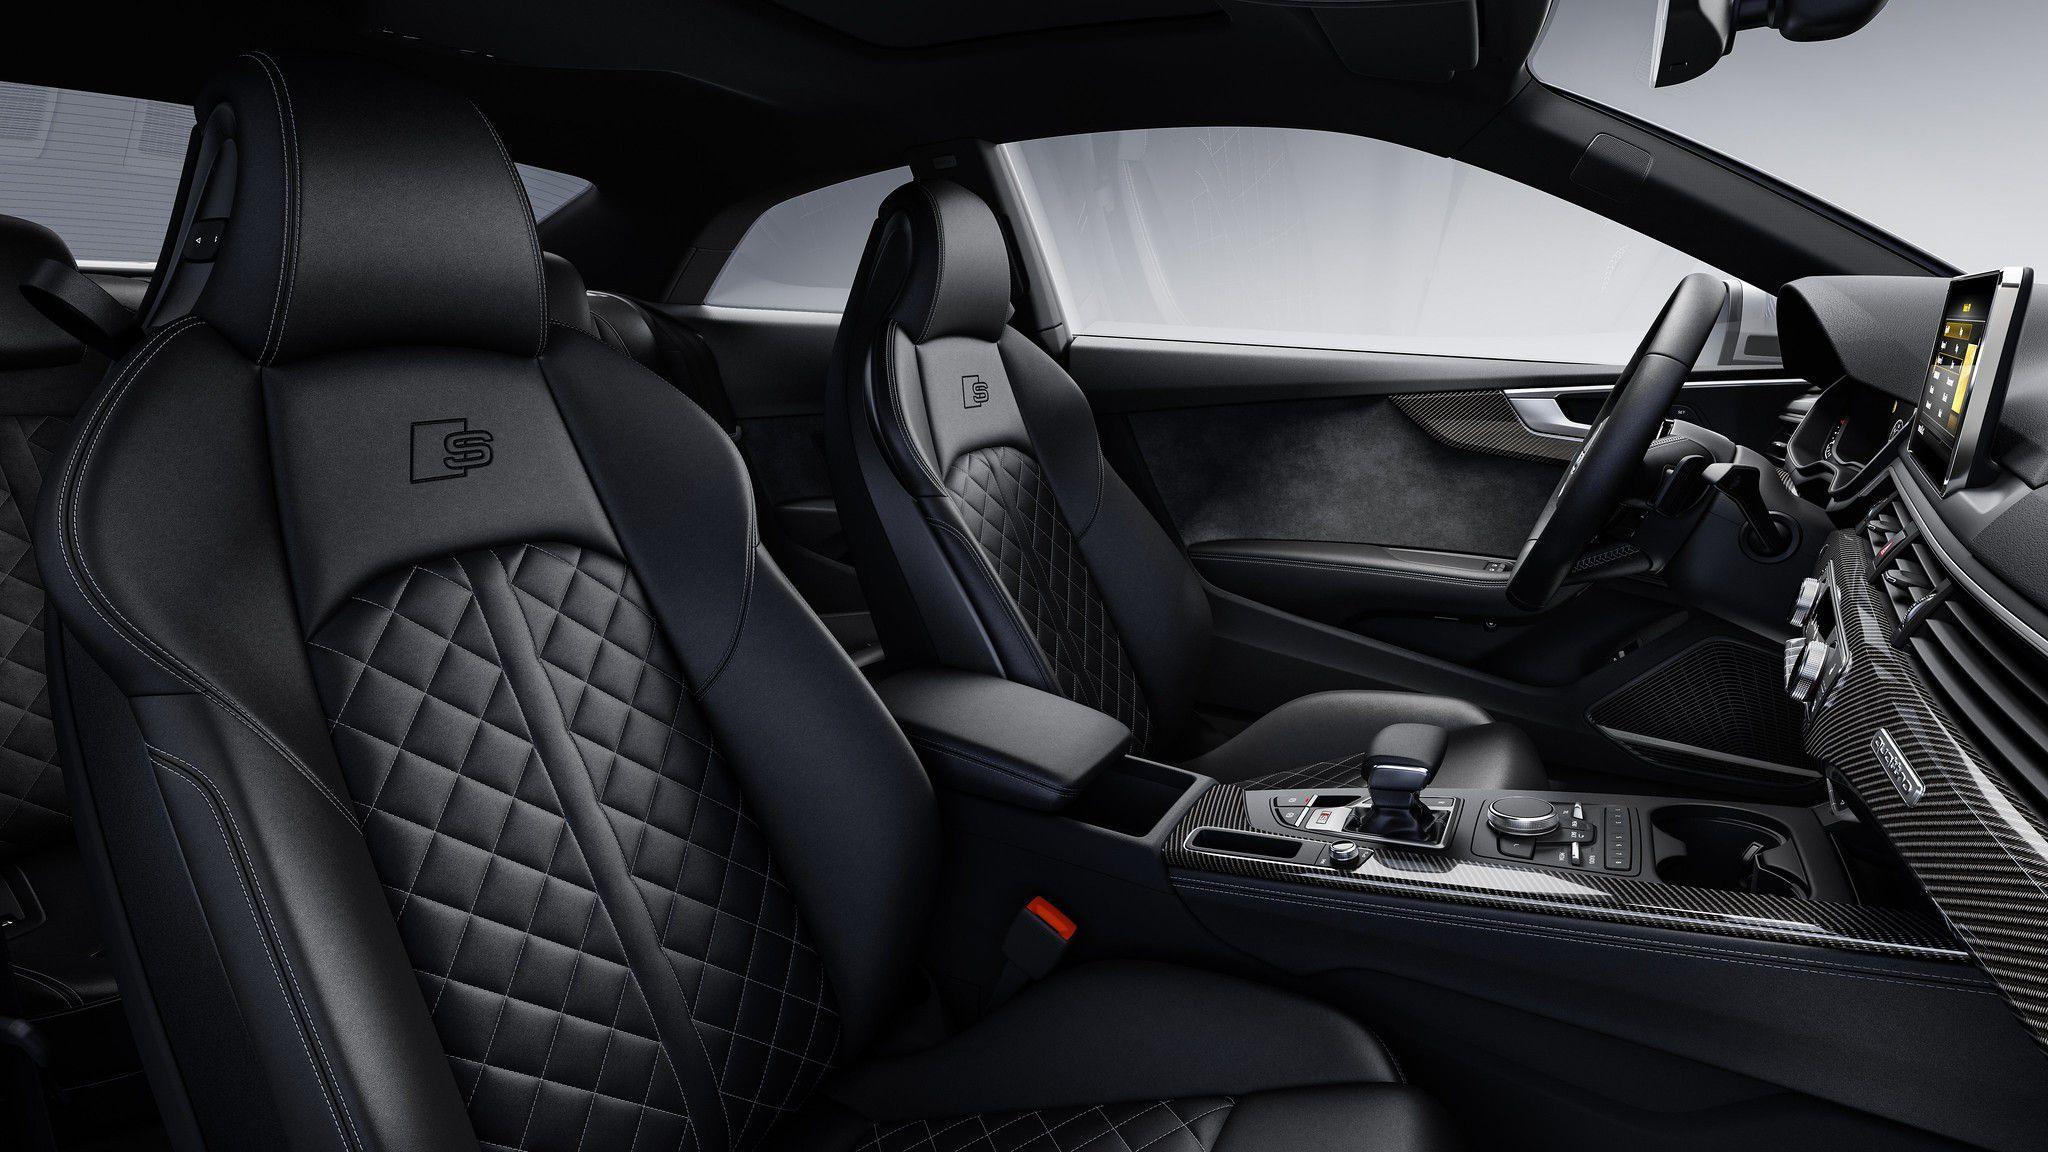 Kelebihan Kekurangan Audi S5 Tdi Harga